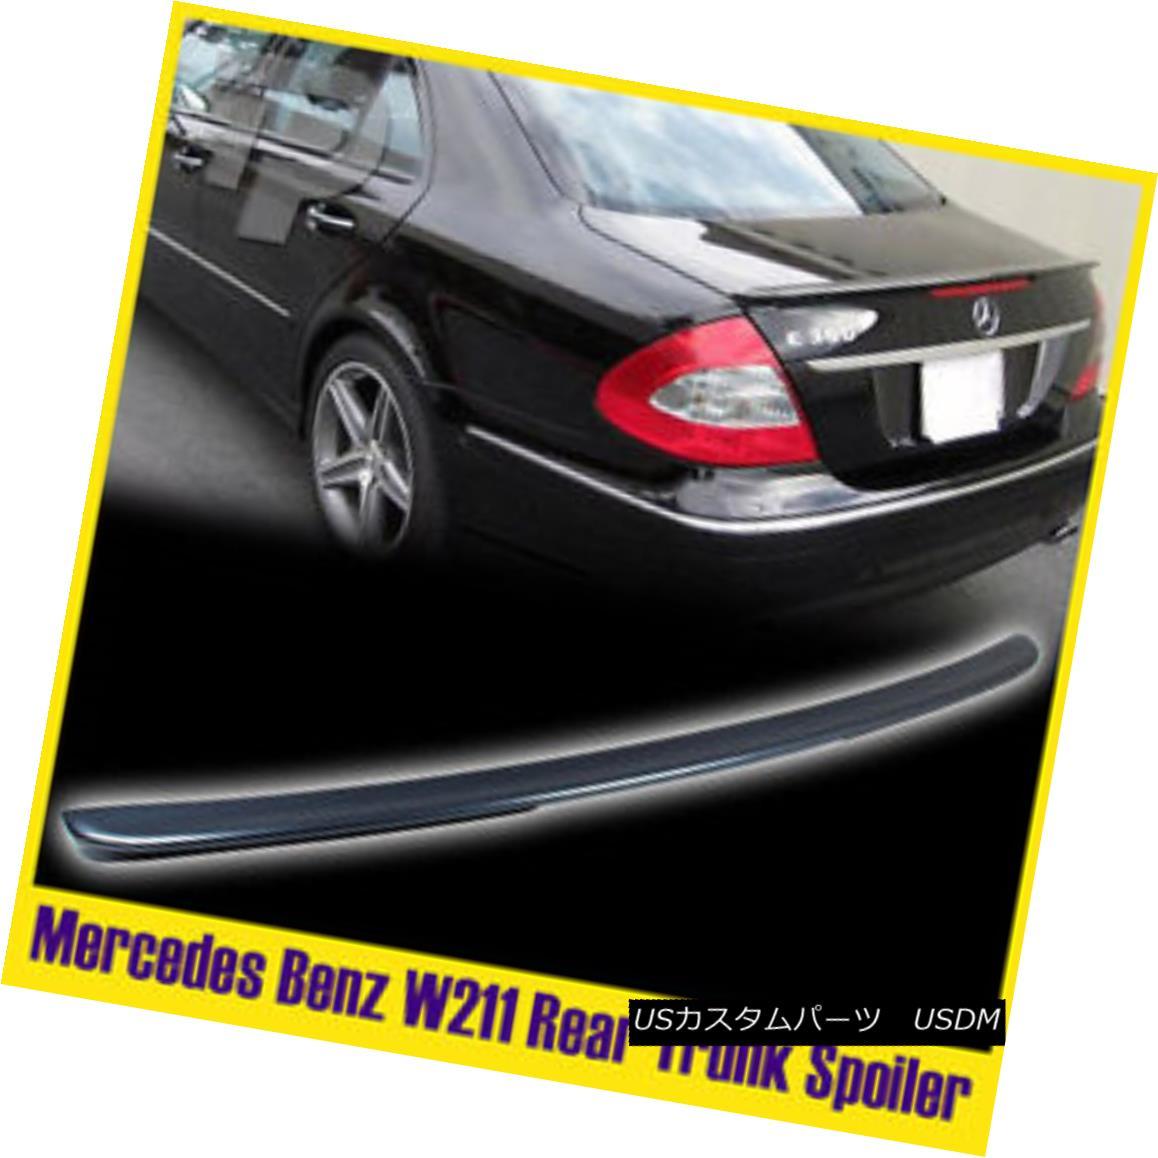 エアロパーツ Mercedes Benz E-Class W211 4DR Painted 368 Gray Rear Trunk Spoiler メルセデスベンツEクラスW211 4DR塗装368グレーリアトランク・スポイラー